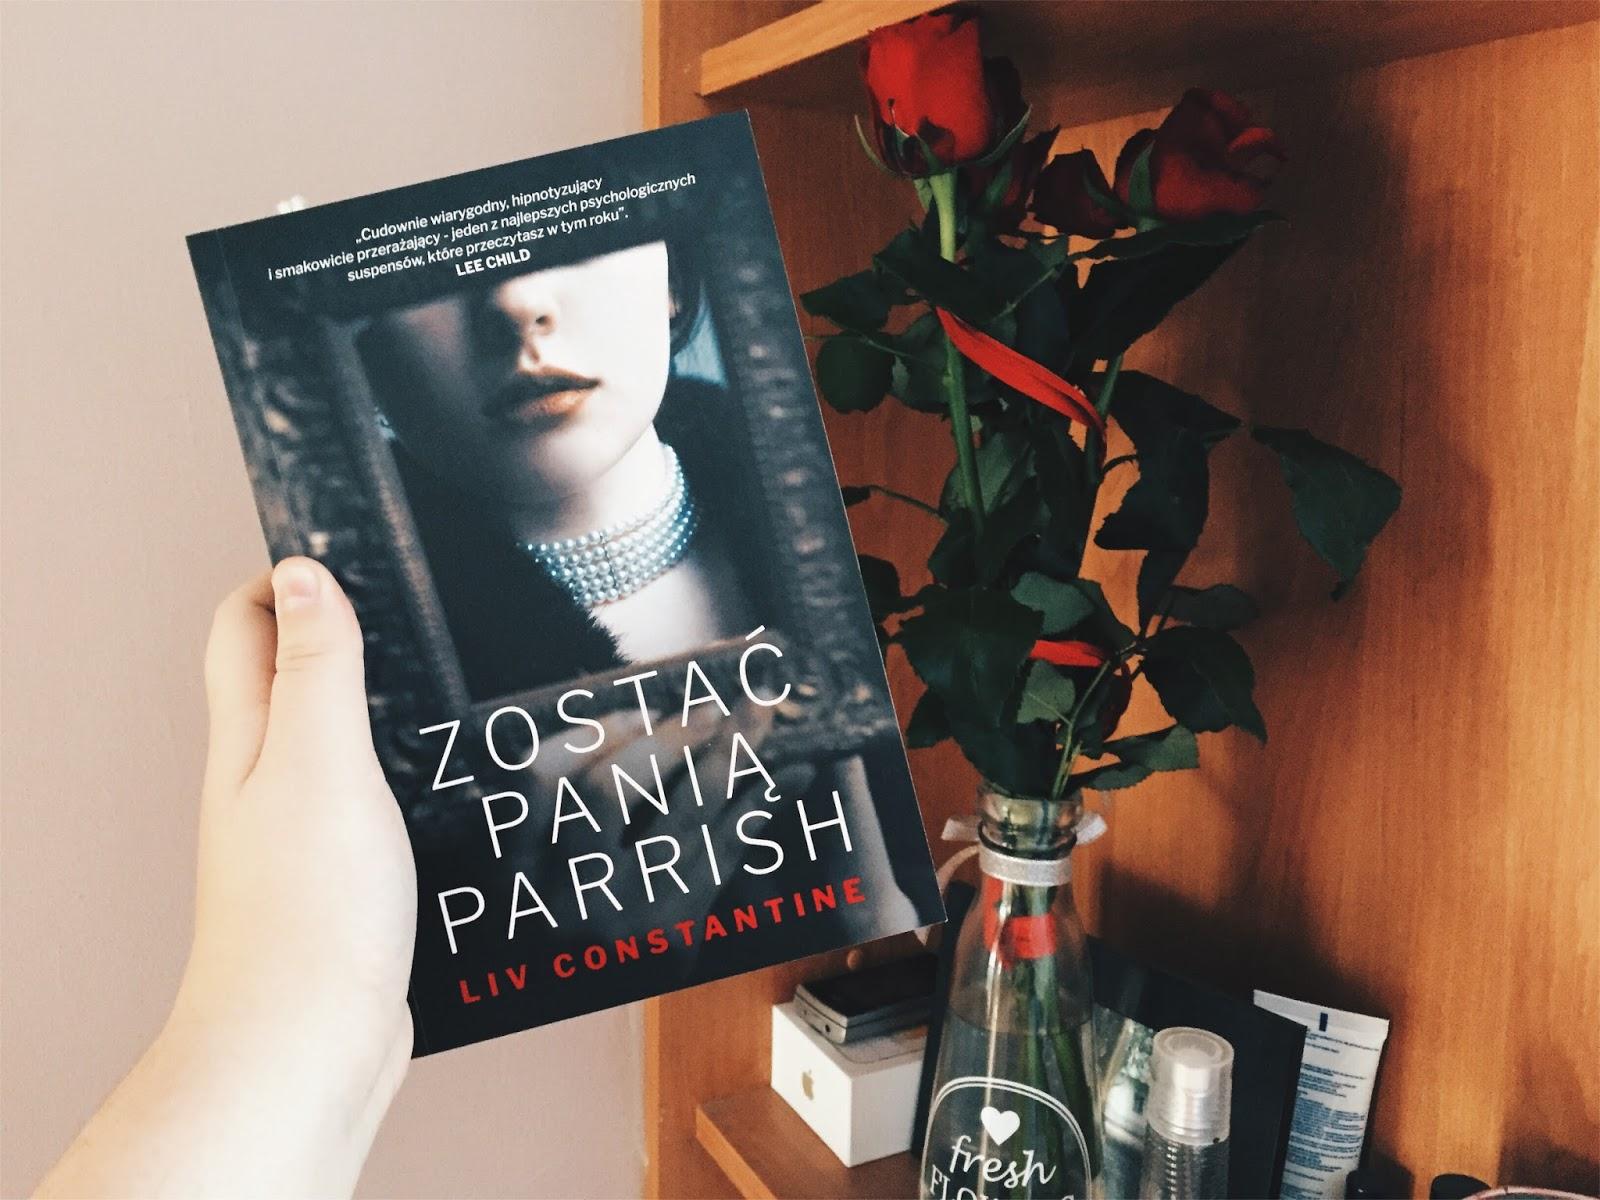 Zostać panią Parrish, Liv Constantine